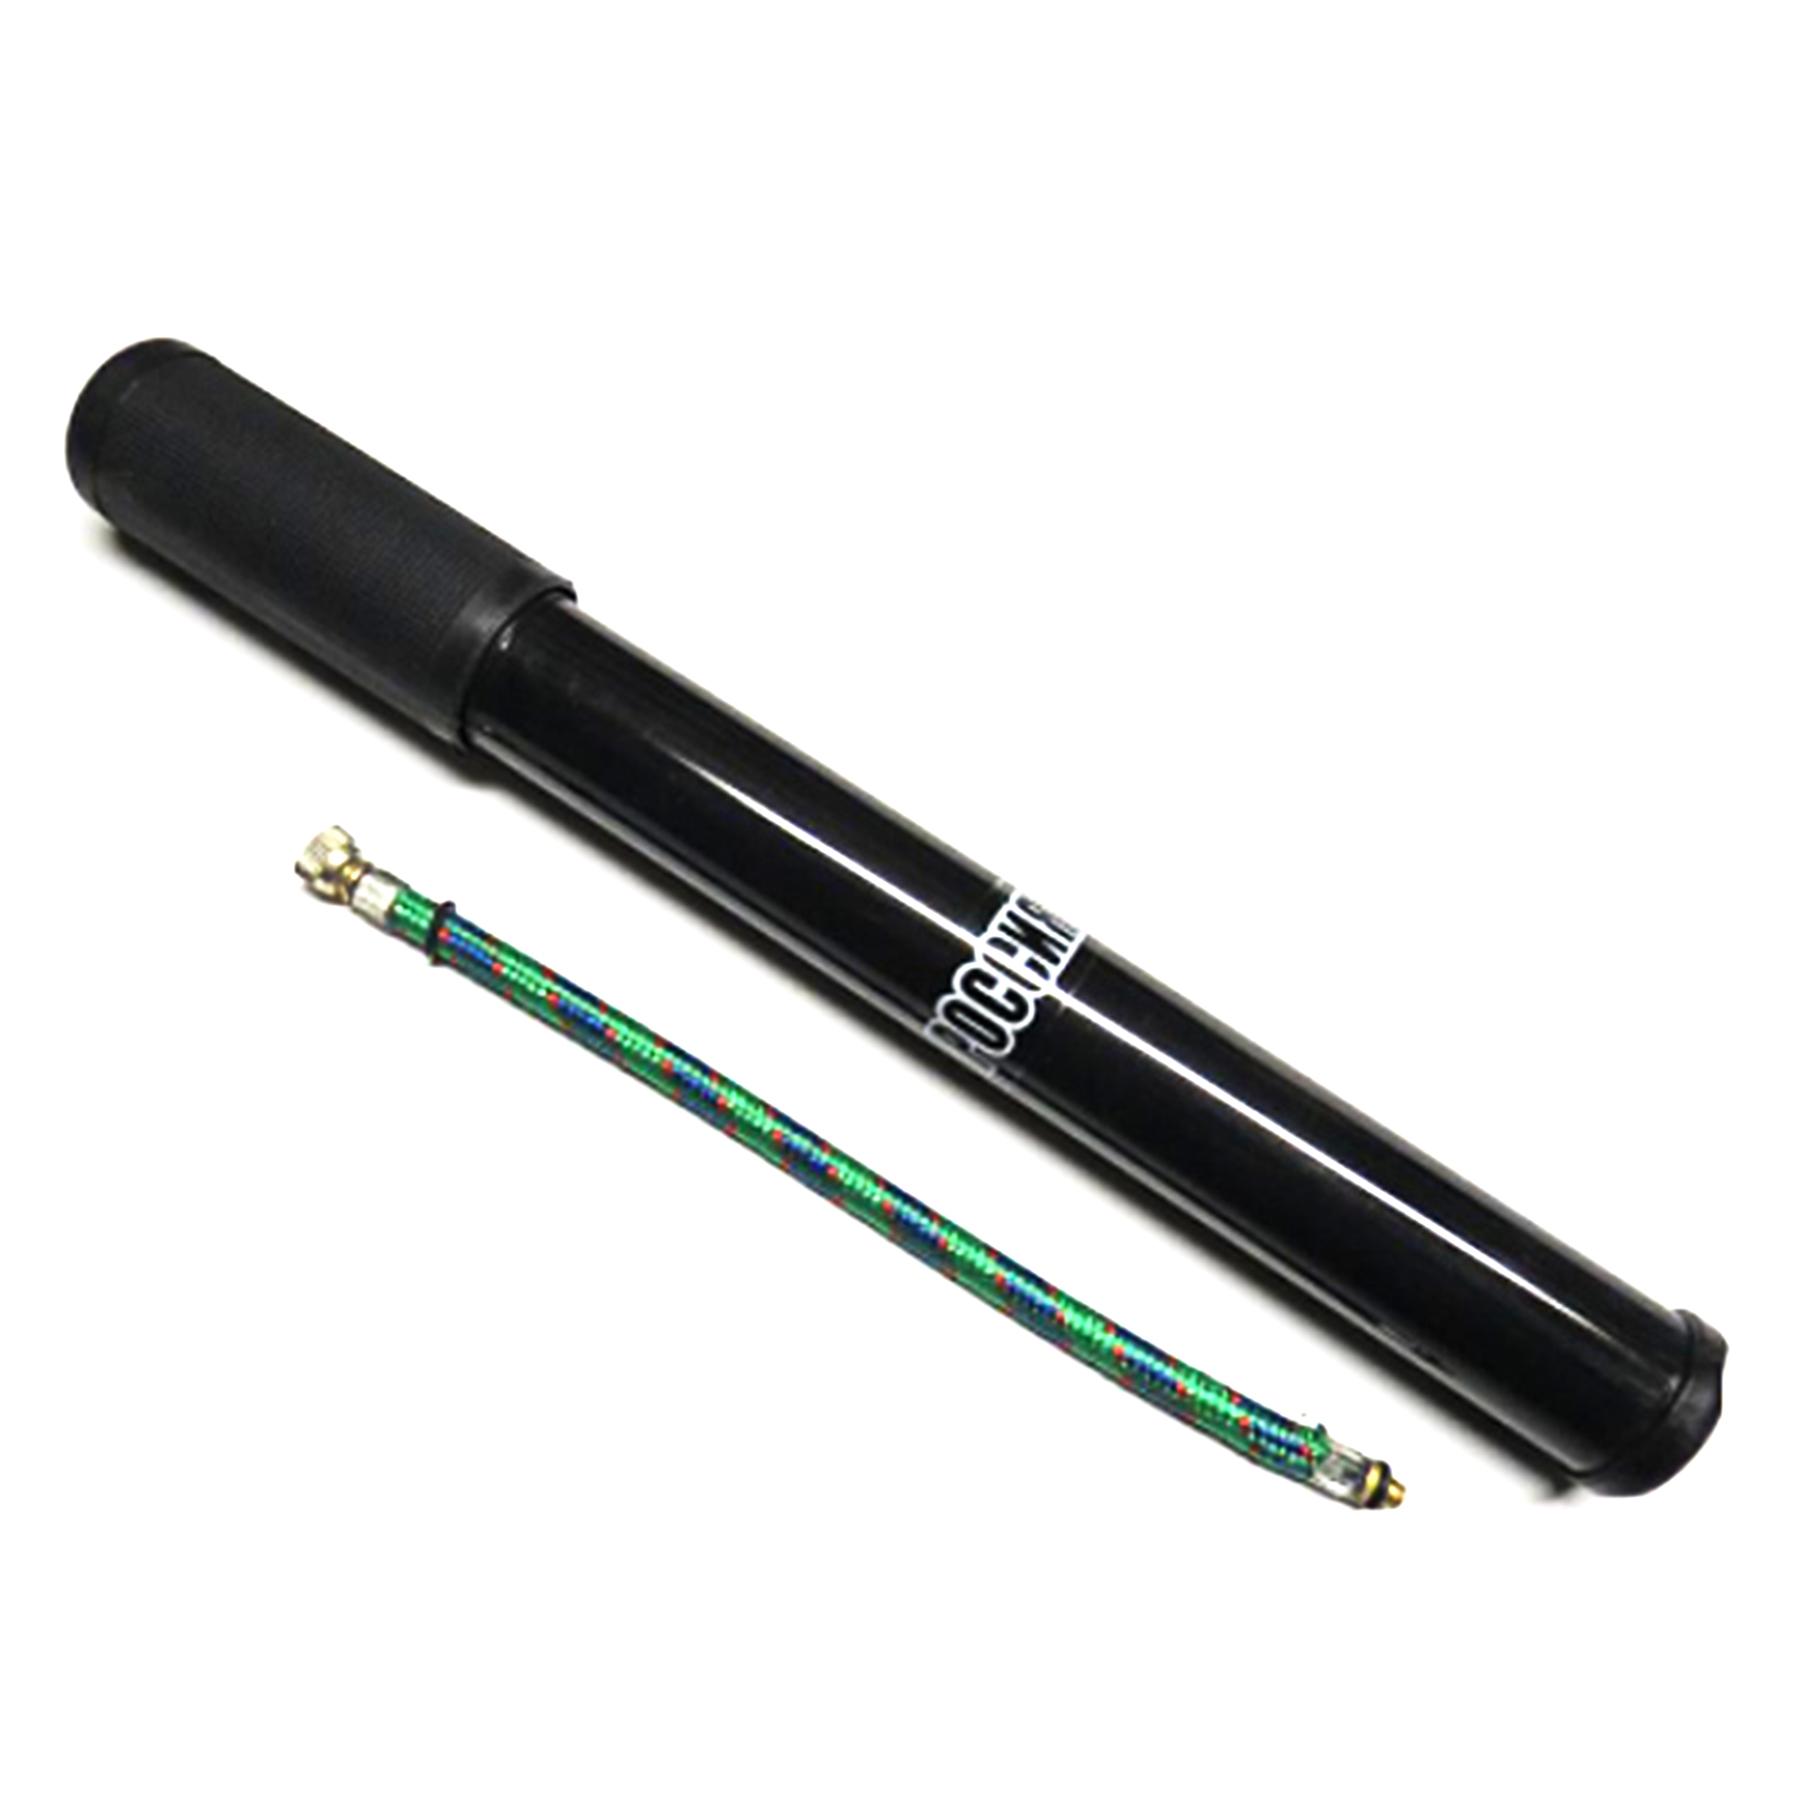 Насос ручной д/вело 30*300 мм, ПВХ черный 3273009-32